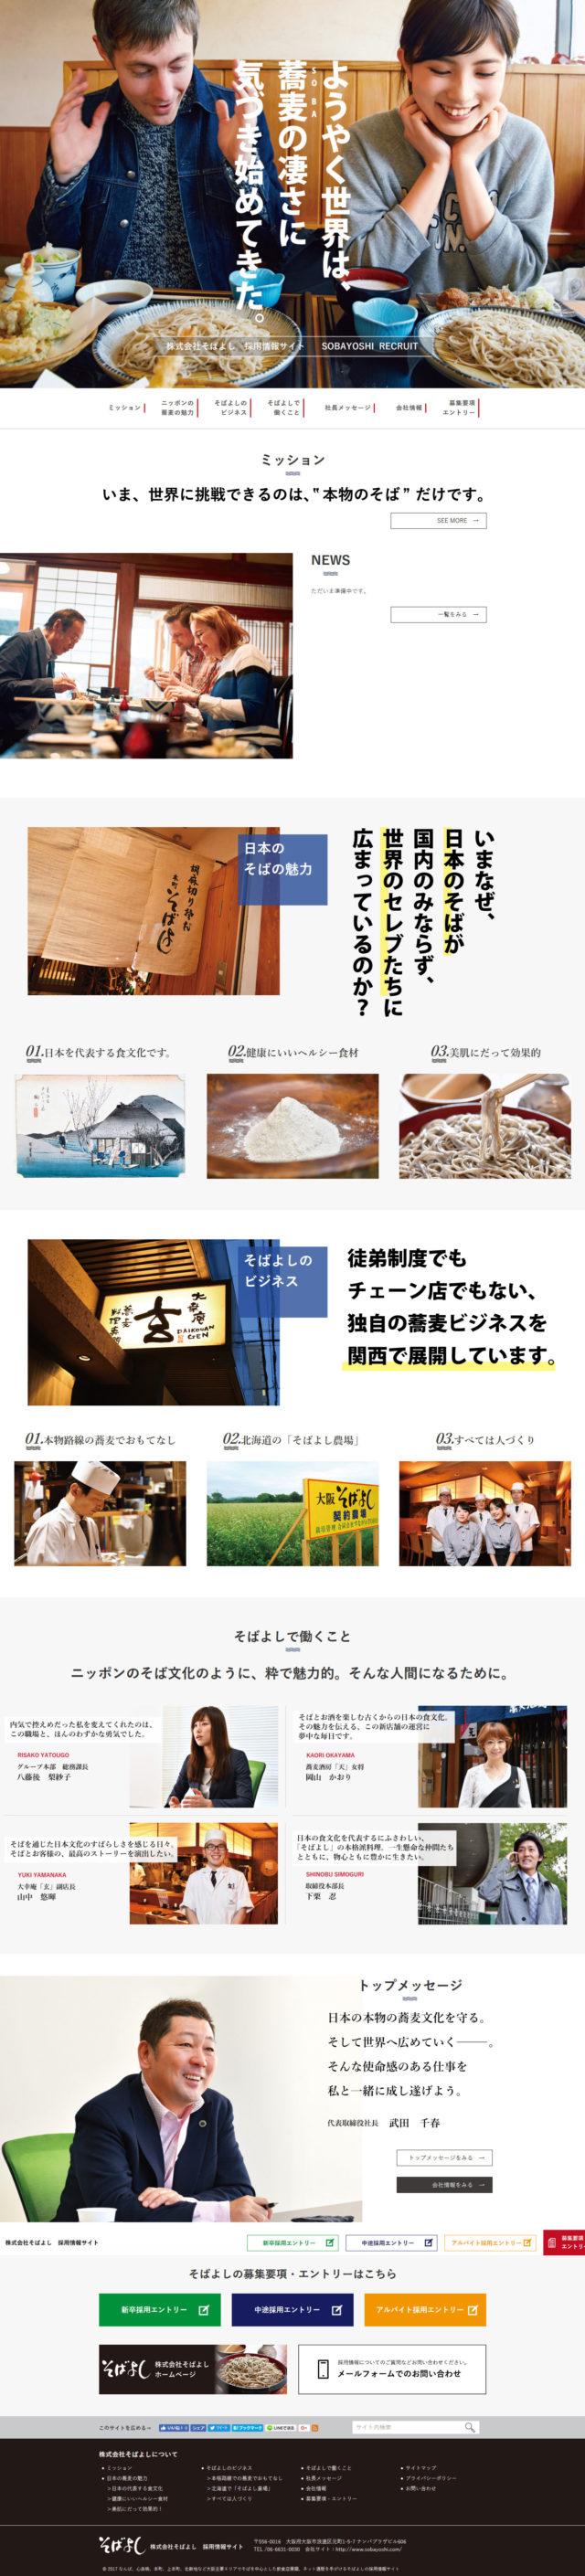 大阪府大阪市 飲食店舗を展開するそばよし様の採用情報サイト